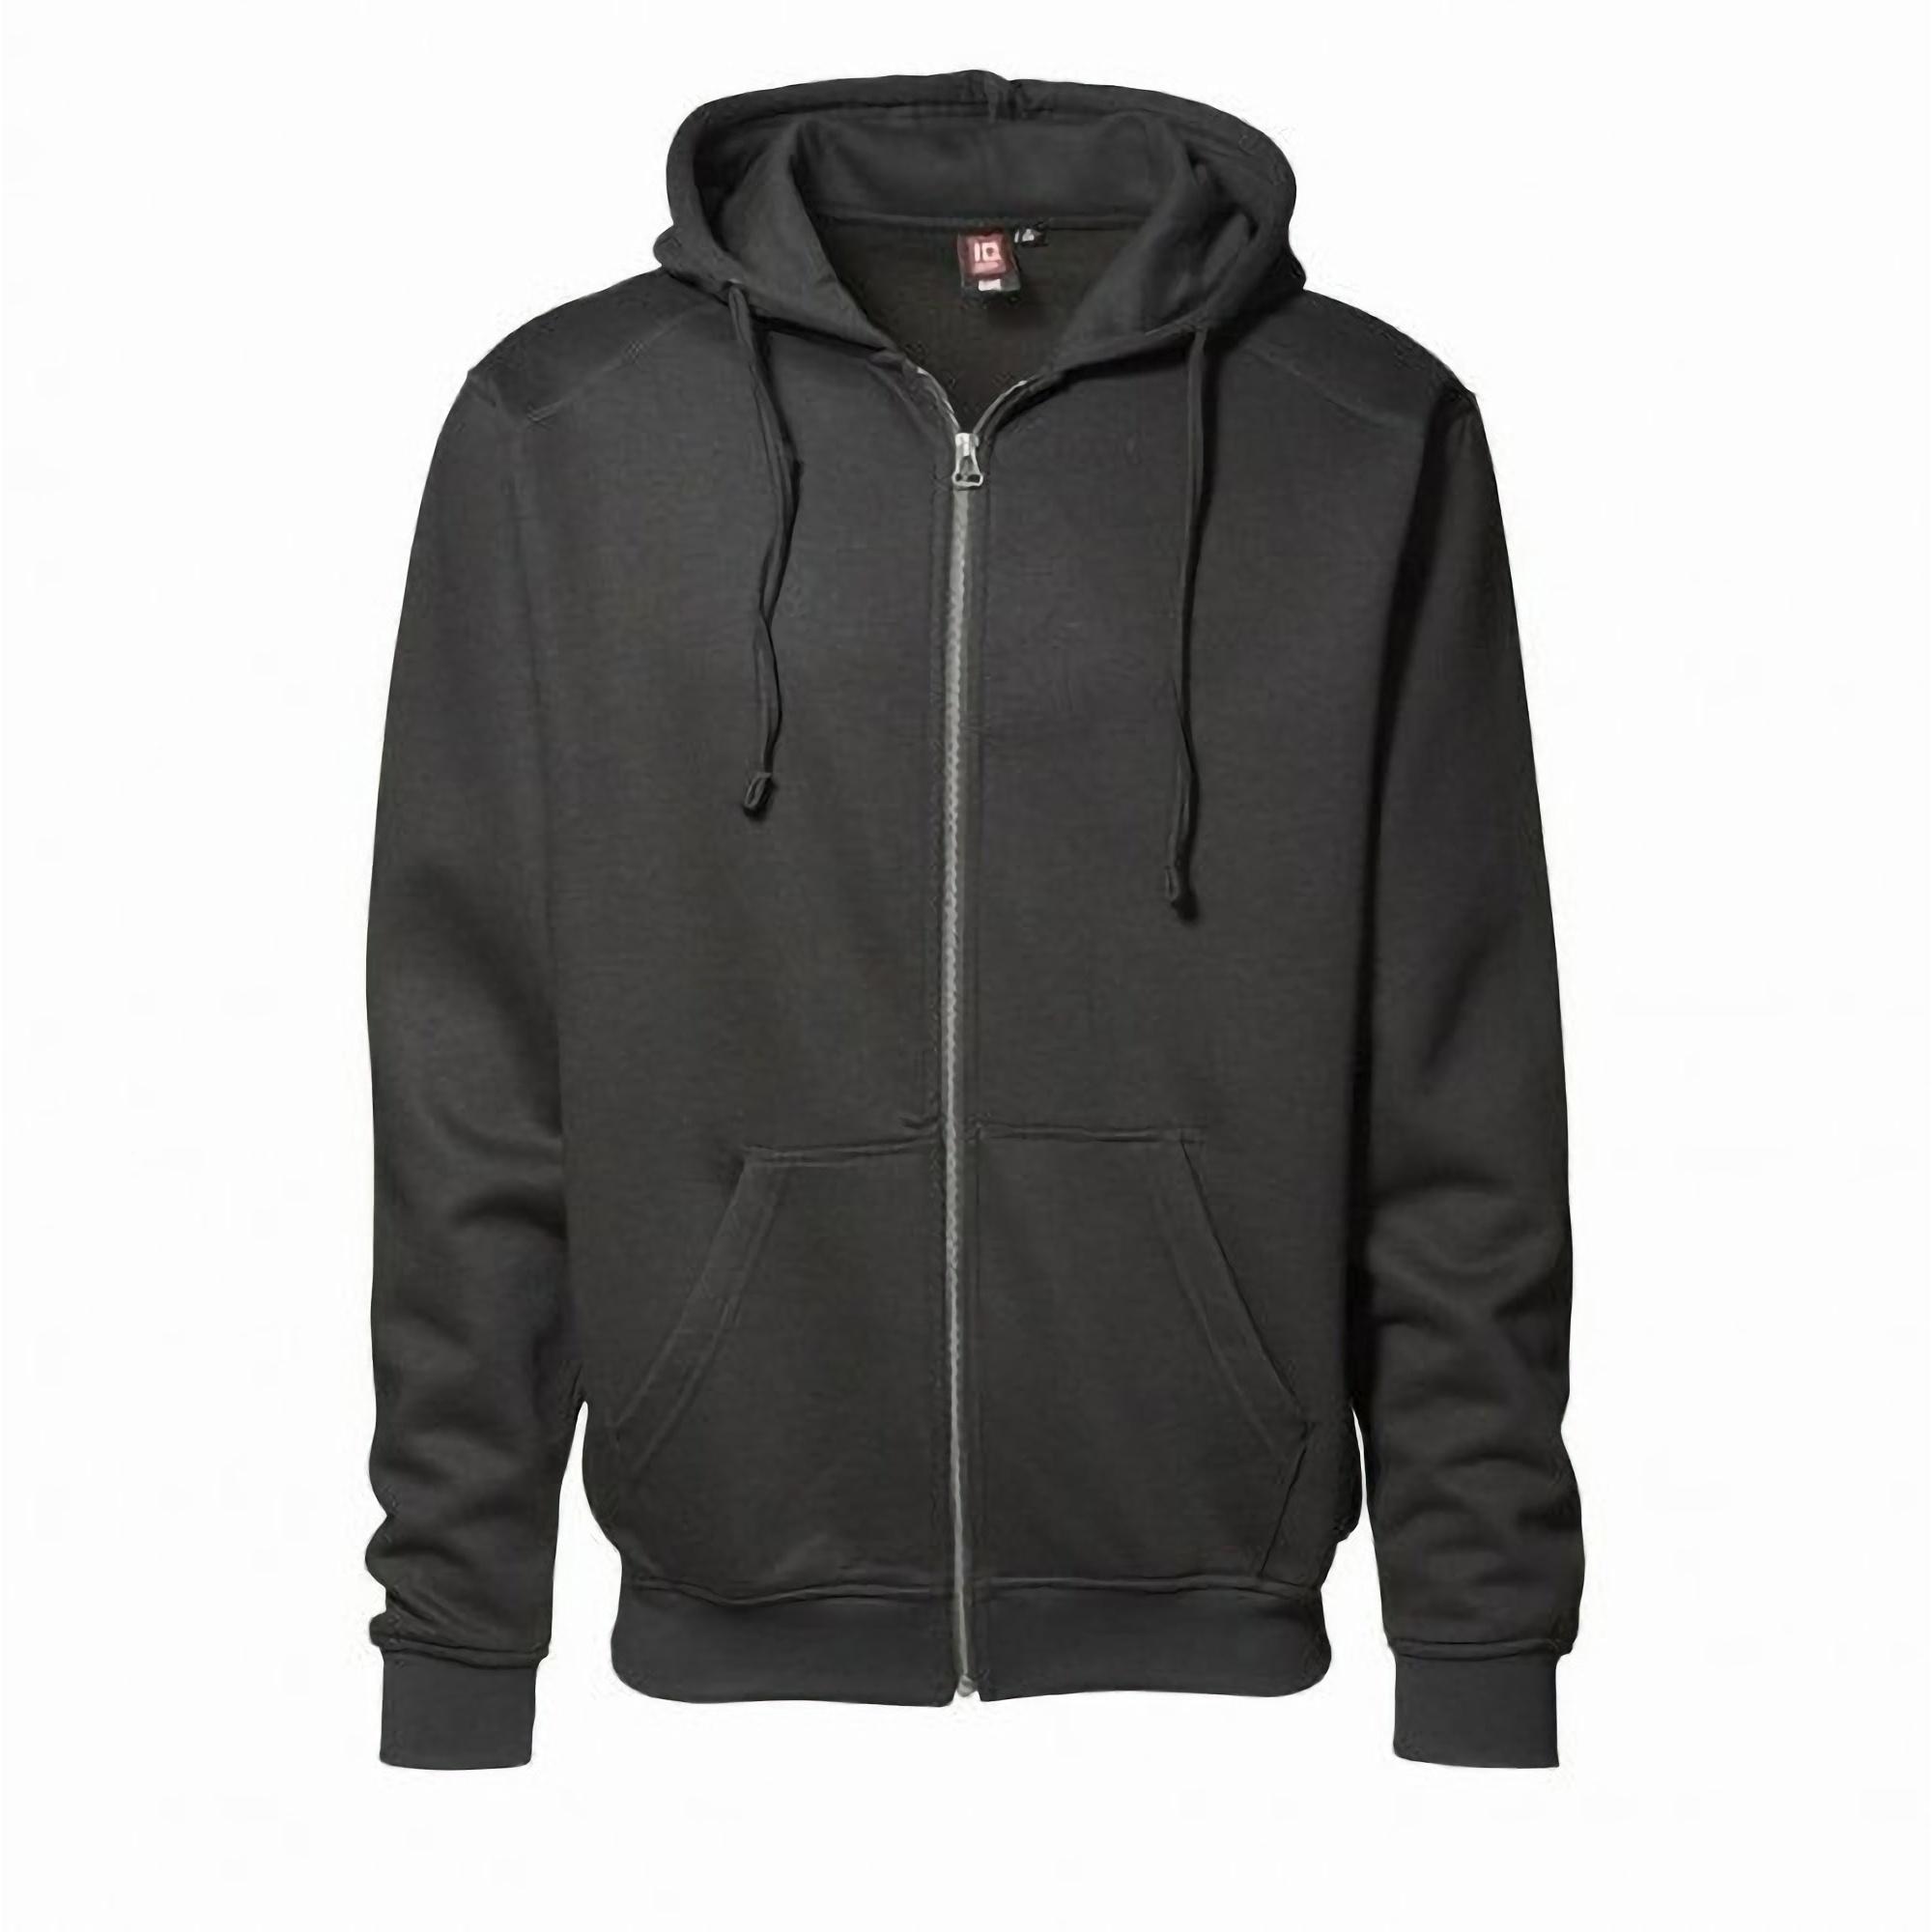 ID Mens Full Zip Hooded Sweatshirt / Hoodie | eBay